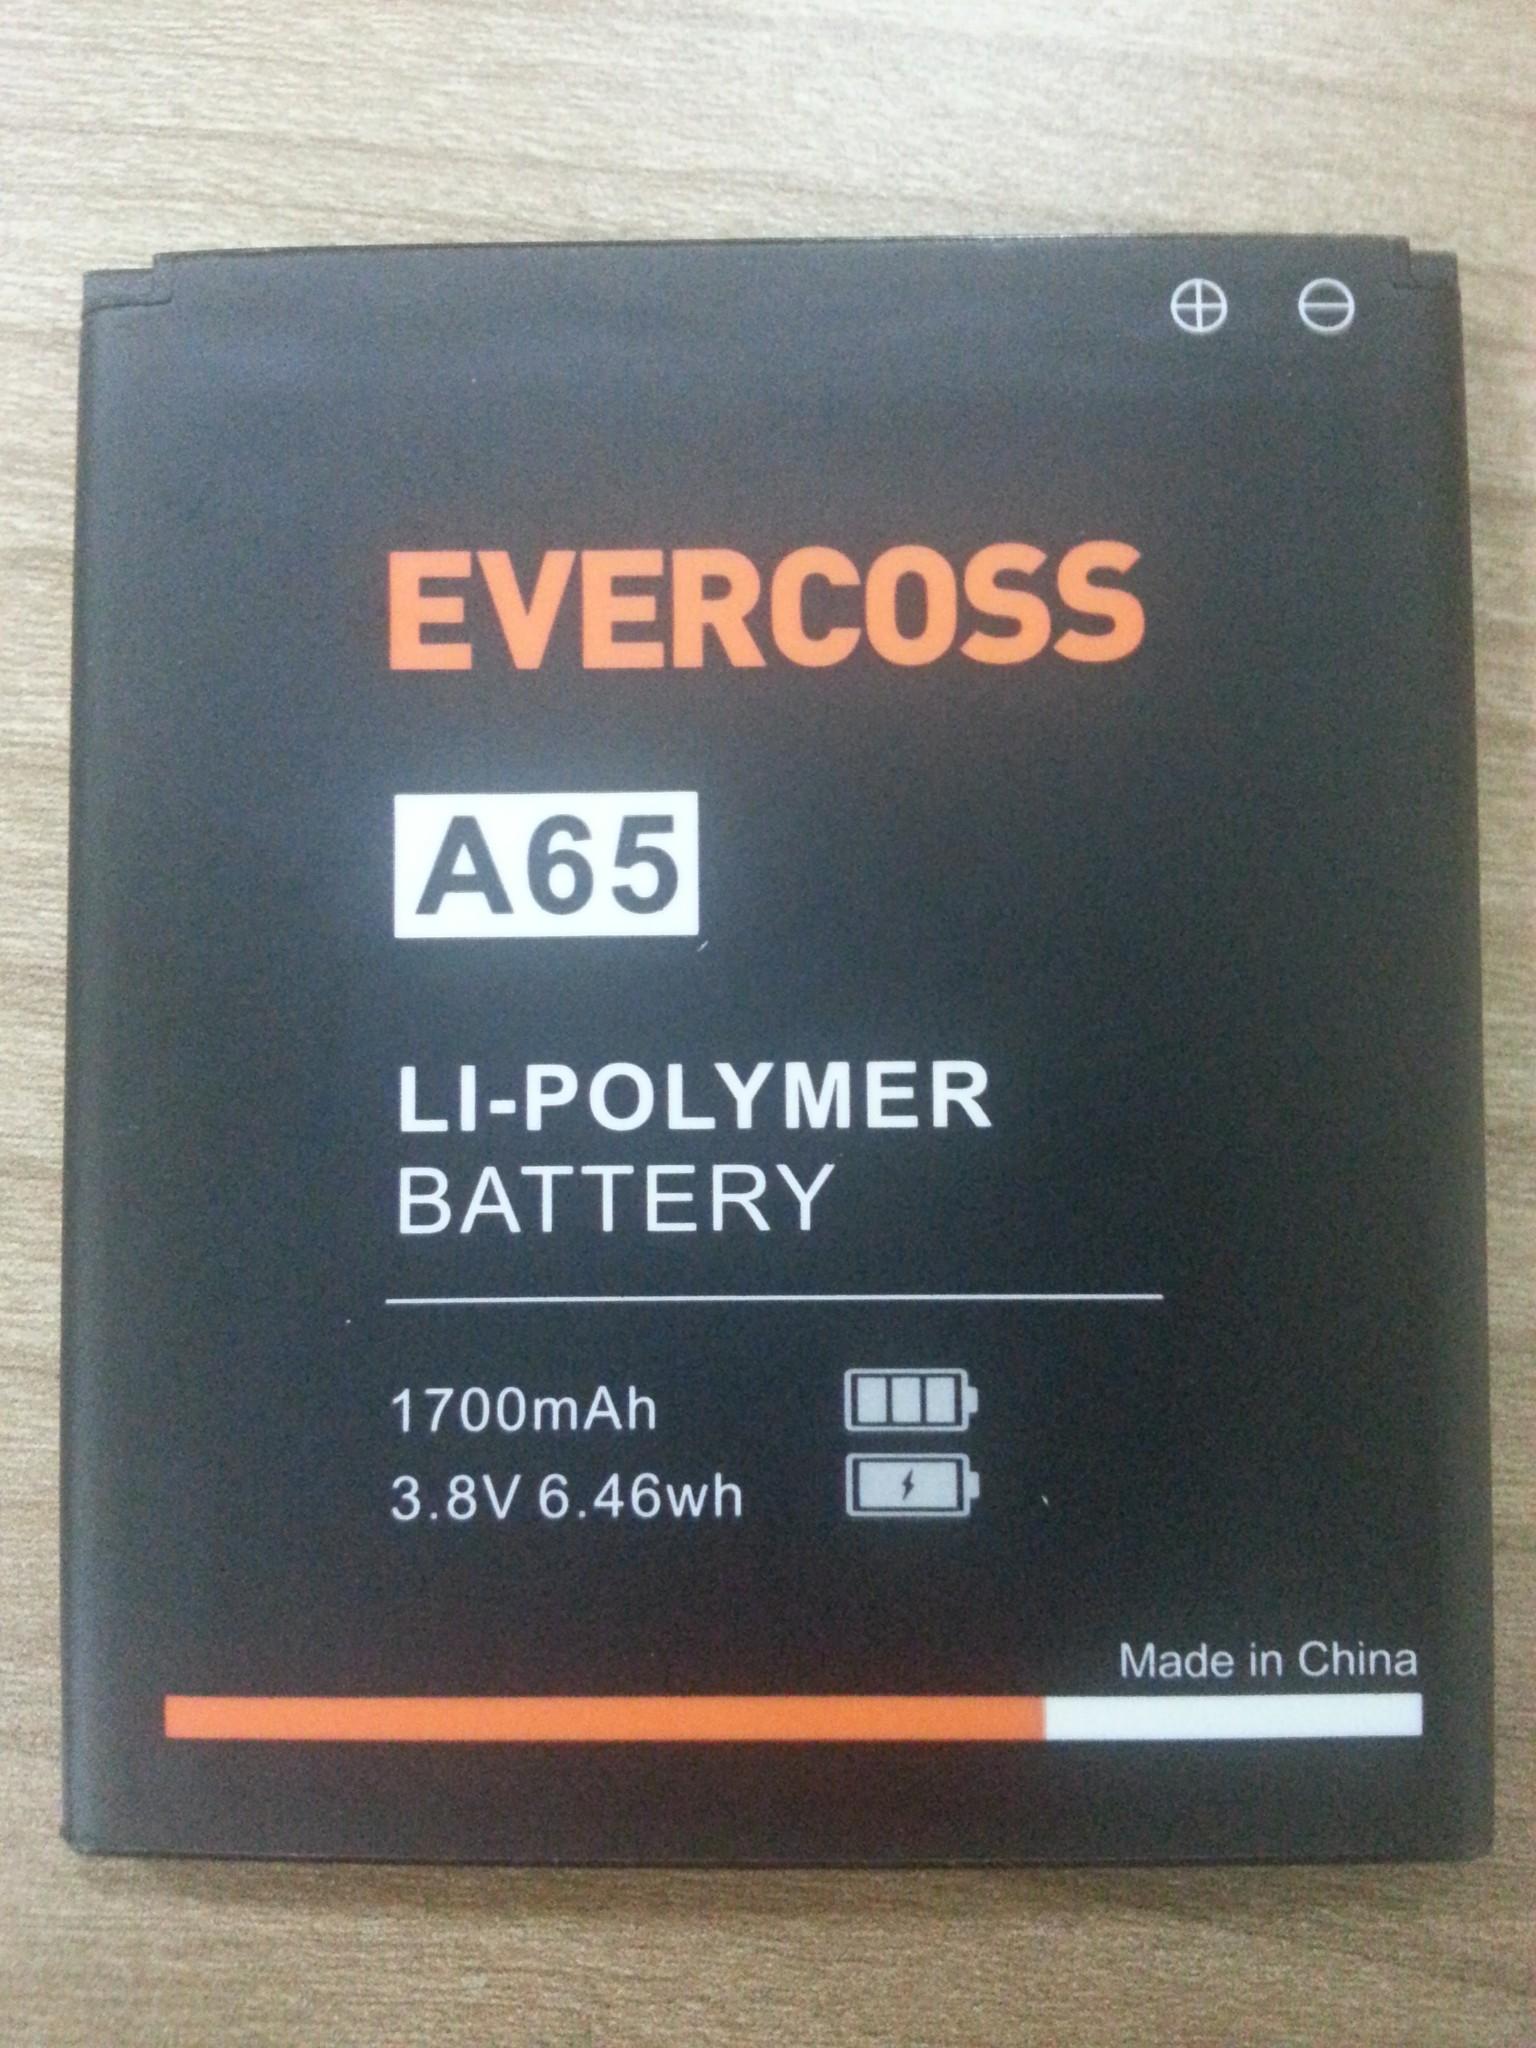 Battery Evercoss A65b Original 1800mah6 Daftar Harga Terkini Dan Sunberry S33 Hp  Bisa Powerbank 12000mah Garansi 1 Thn Jual A65 One X Frustasii Online Shop Tokopedia